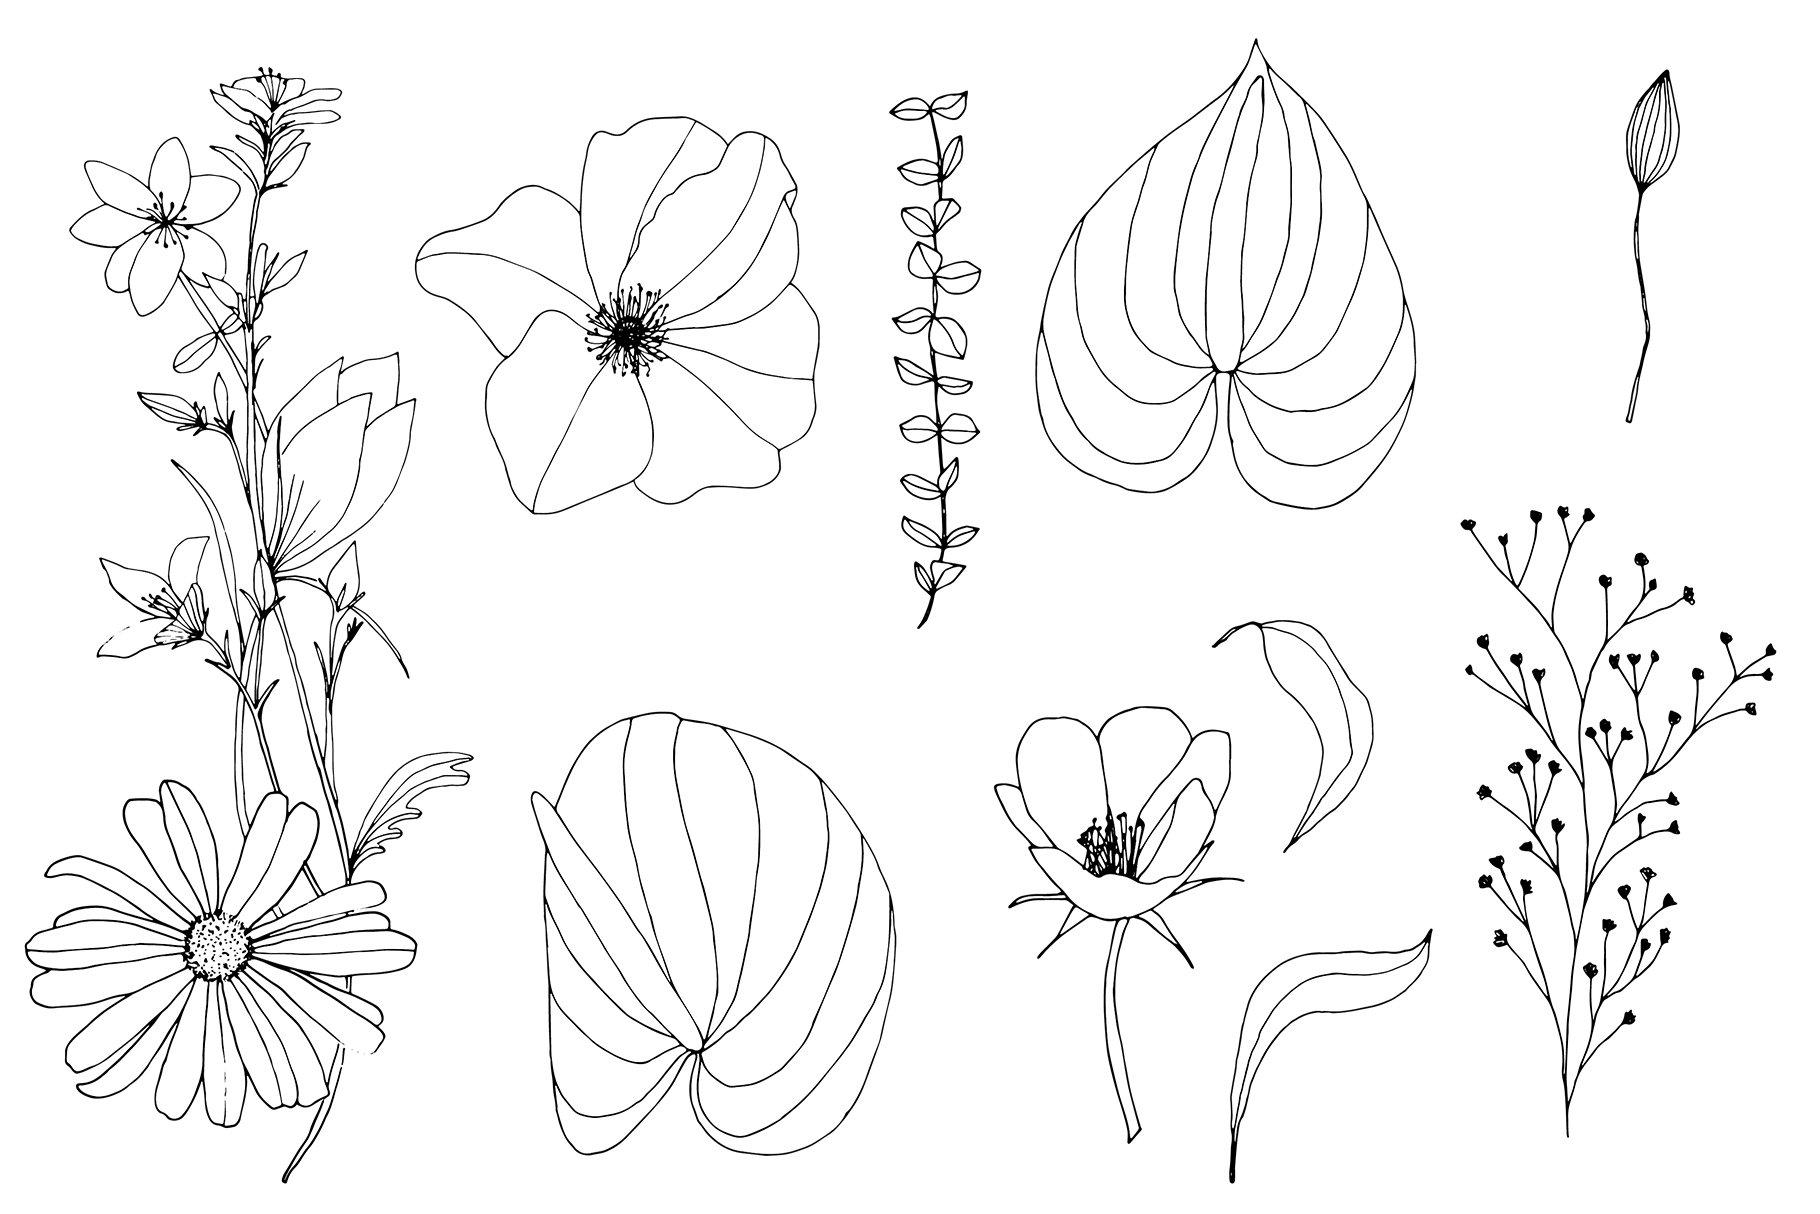 手绘盛开花卉花朵矢量无缝隙图案素材 Blooming Garden Floral Patterns插图(17)